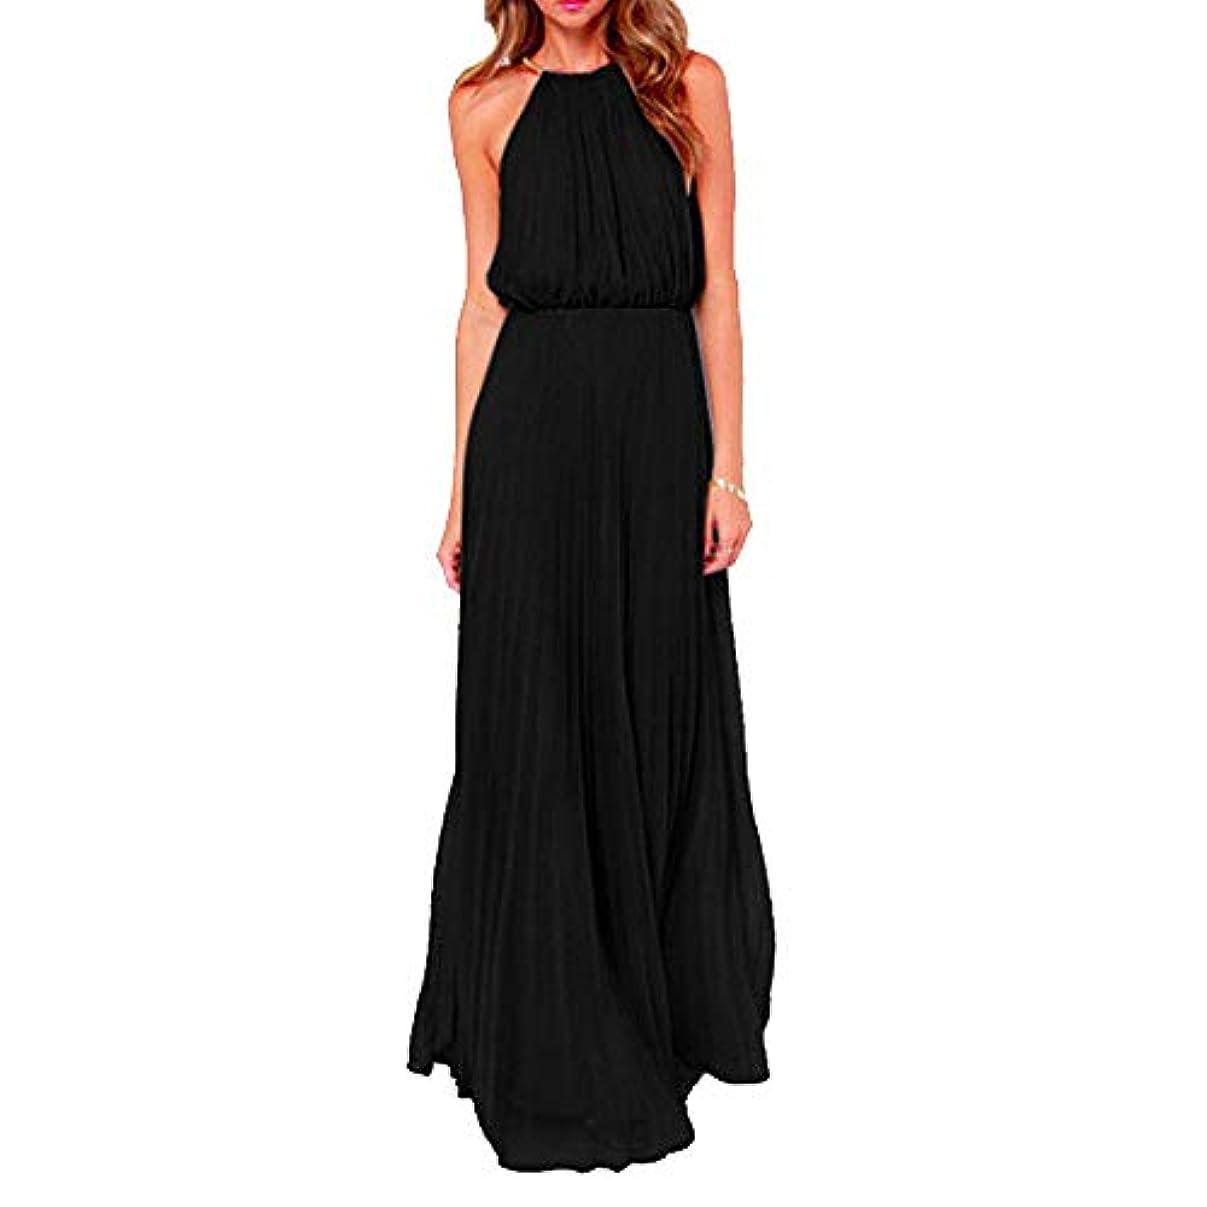 名門きょうだいスイMIFANロングドレス、セクシーなドレス、エレガント、女性のファッション、ノースリーブのドレス、ファッションドレス、ニット、スリム